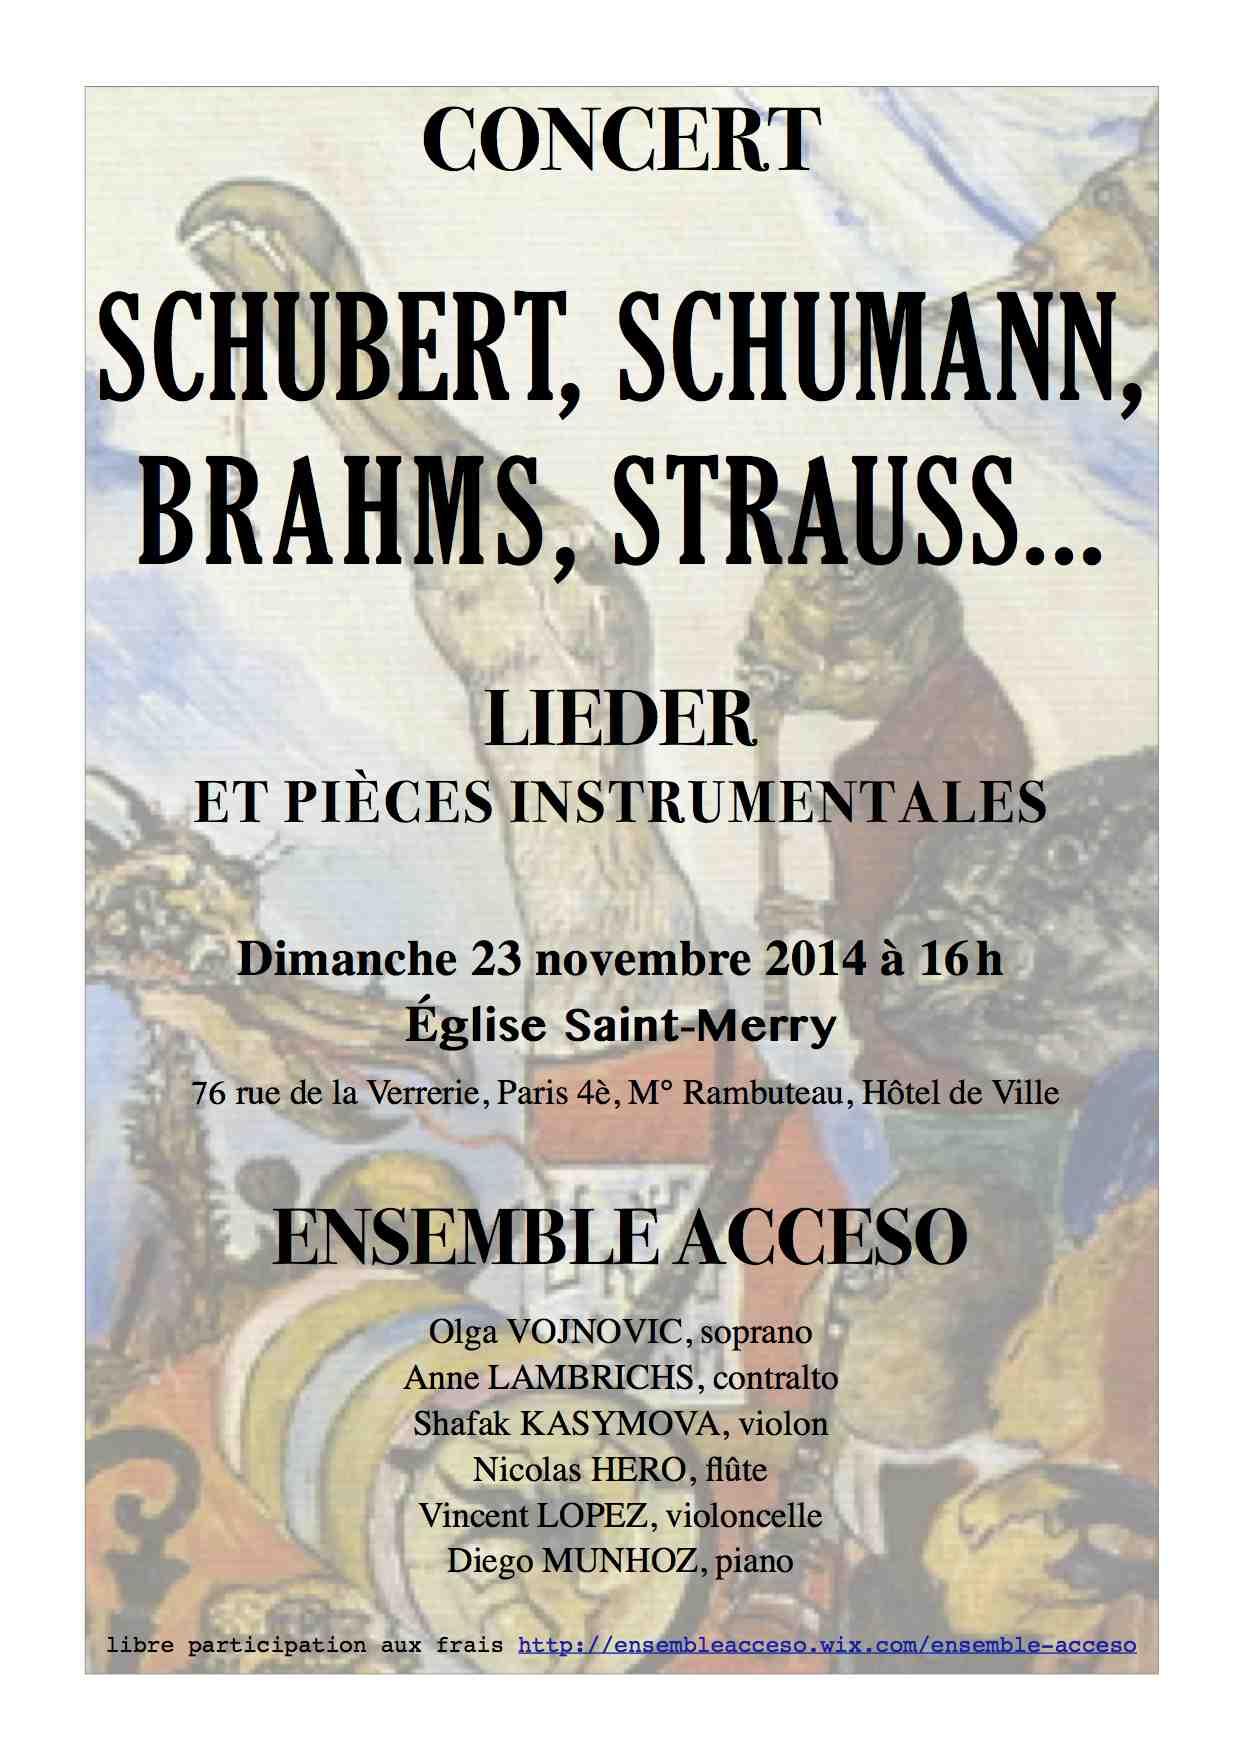 Concert Paris 23 novembre 2014